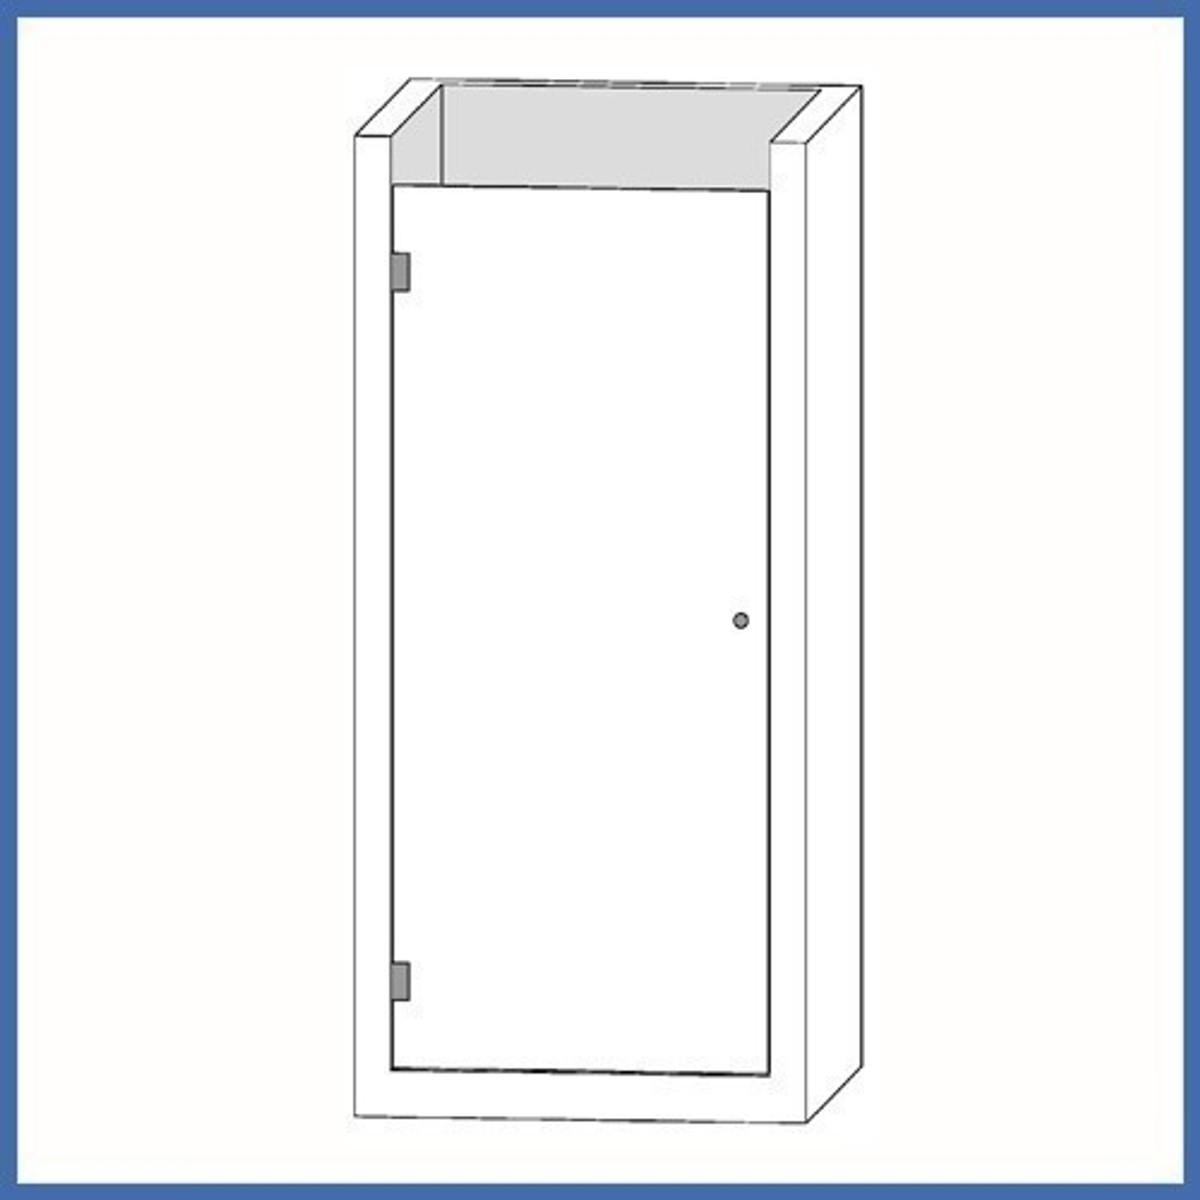 """Nischen-Dusche """"Door"""", 2000 x 620-625mm, Slim Line, Chrom"""